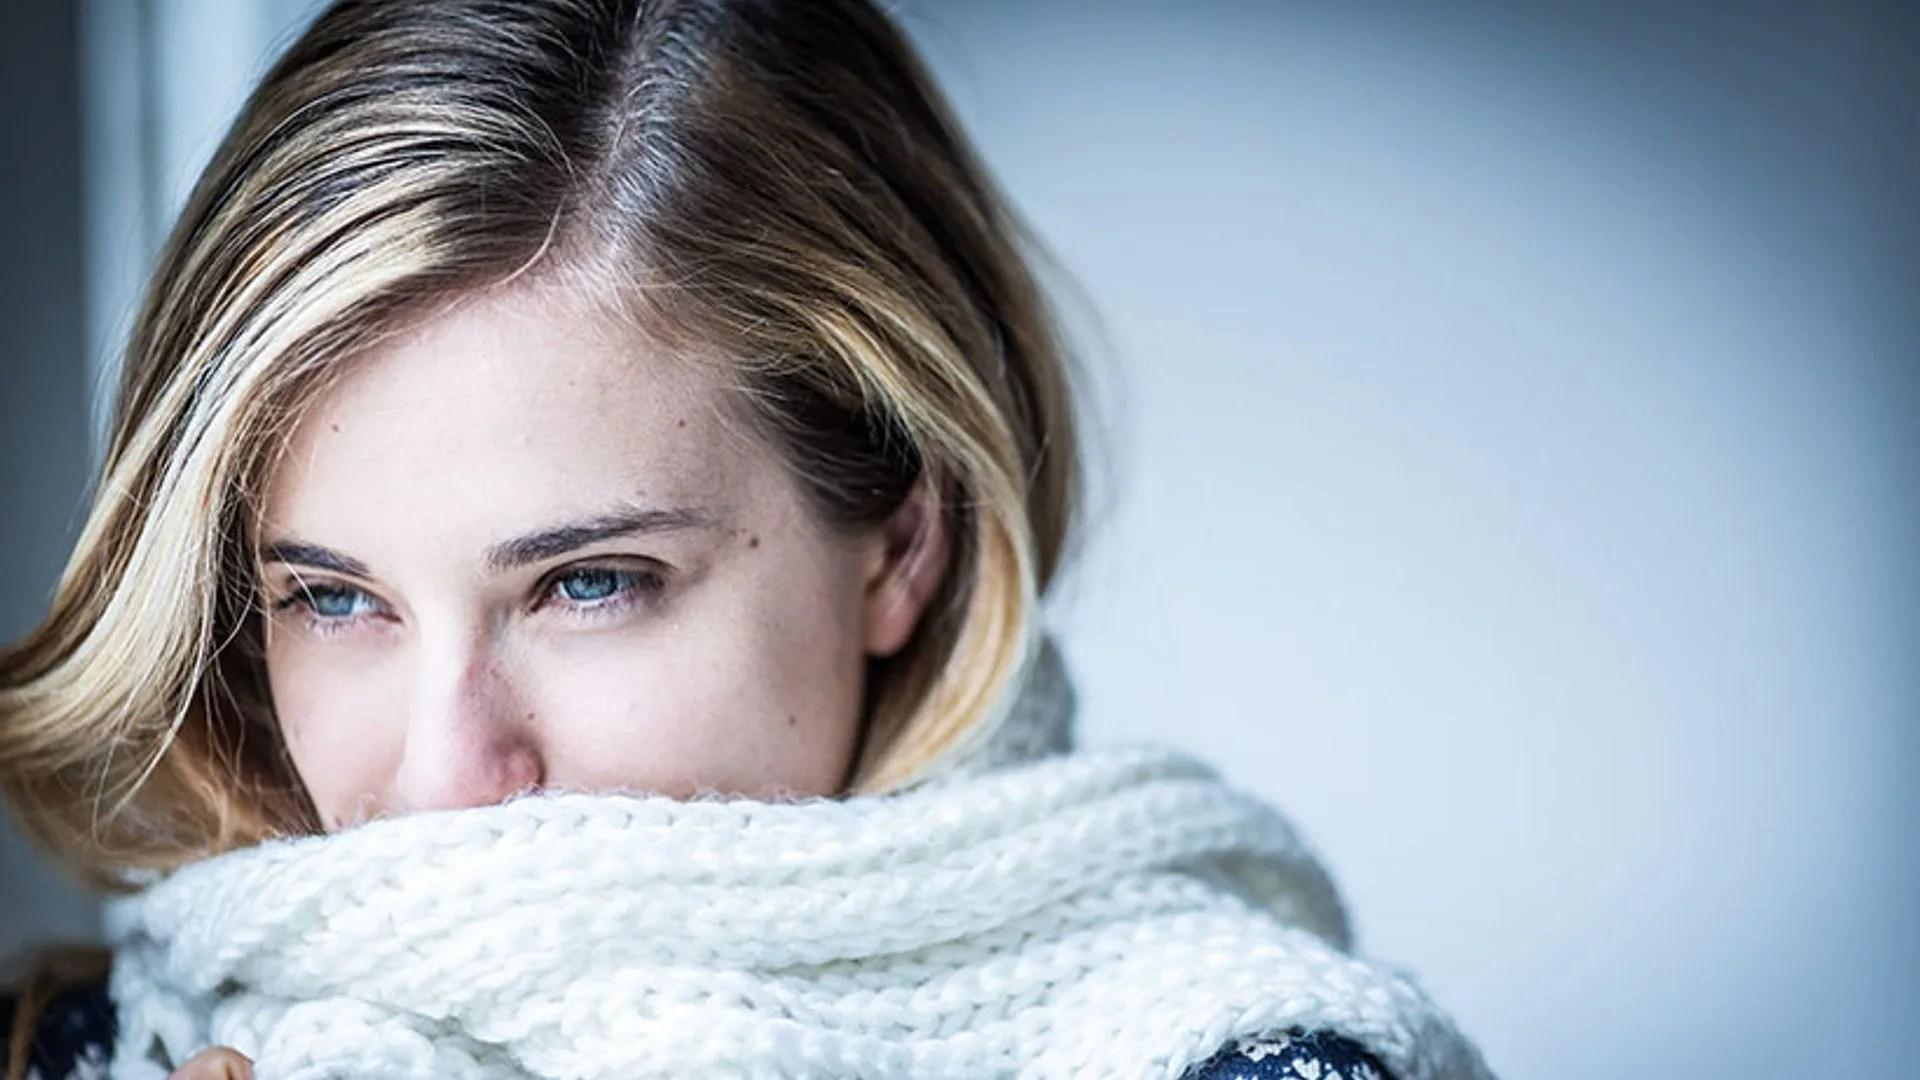 Very Sad Wallpaper Love Girl Top Tips For Avoiding Dry Skin This Winter